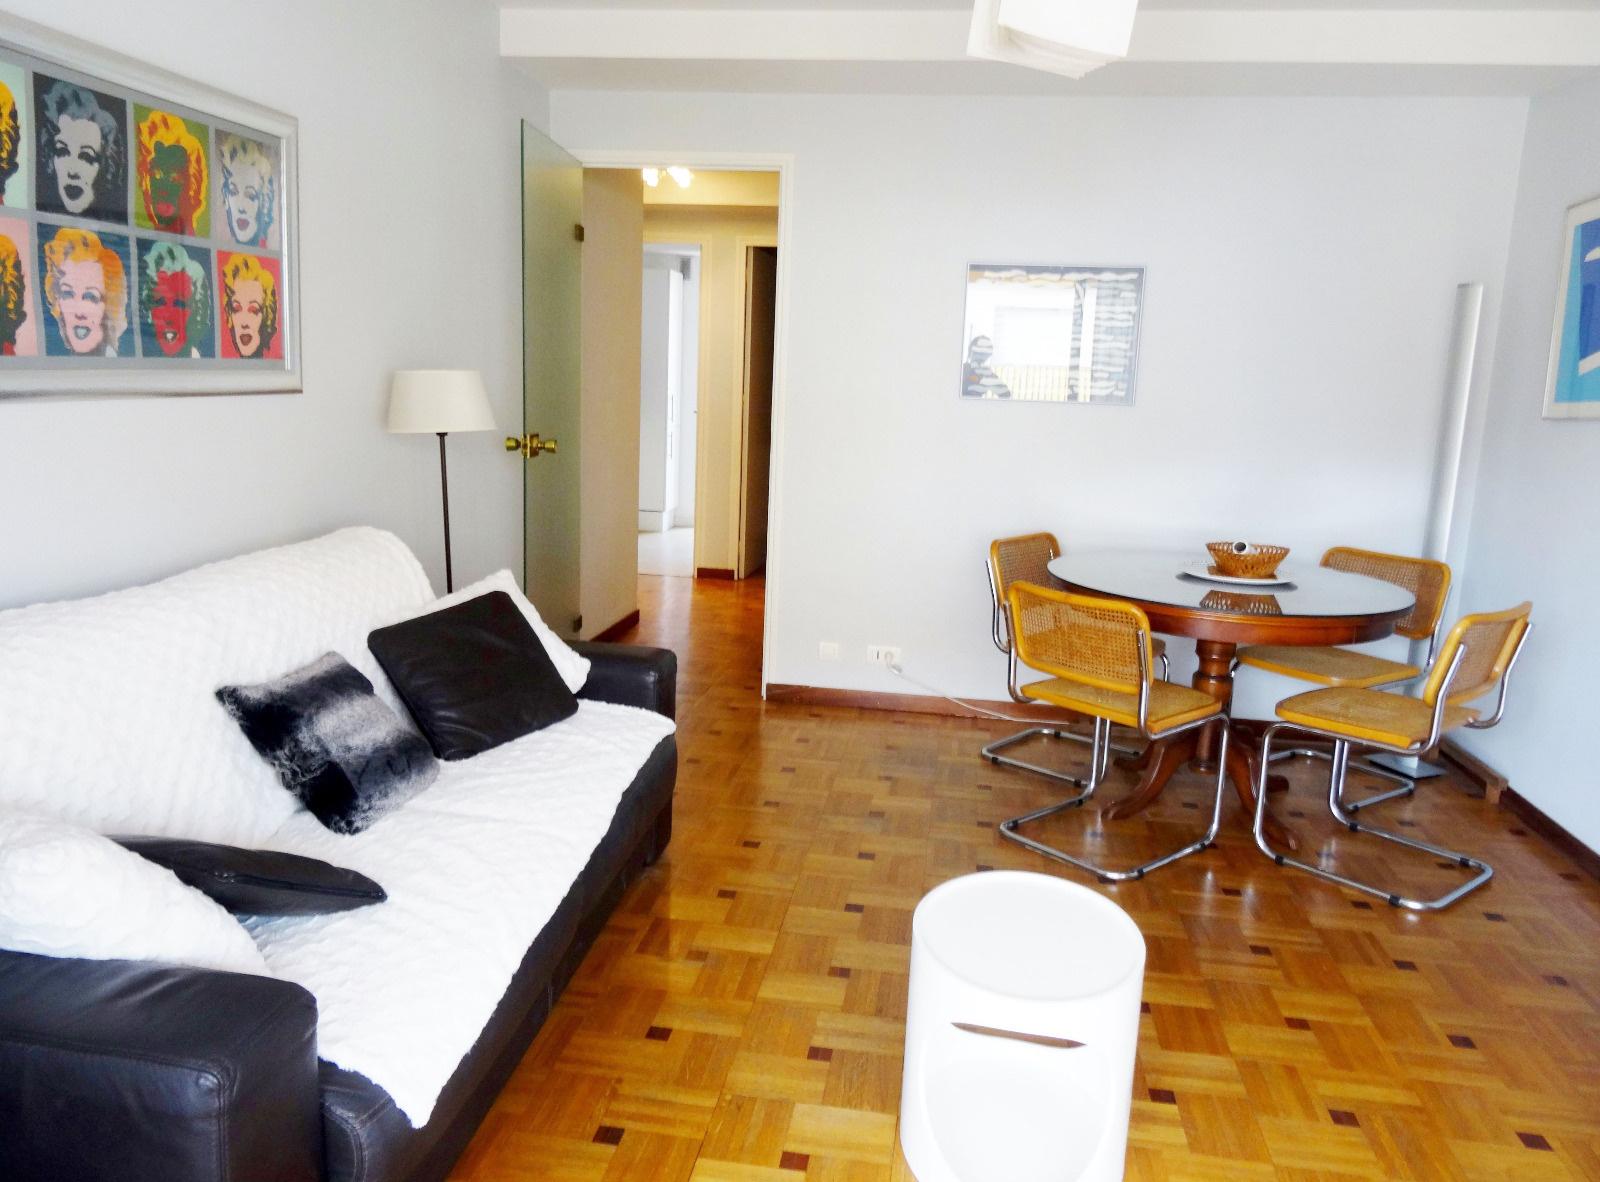 Location de vacances Appartement Menton (06500)